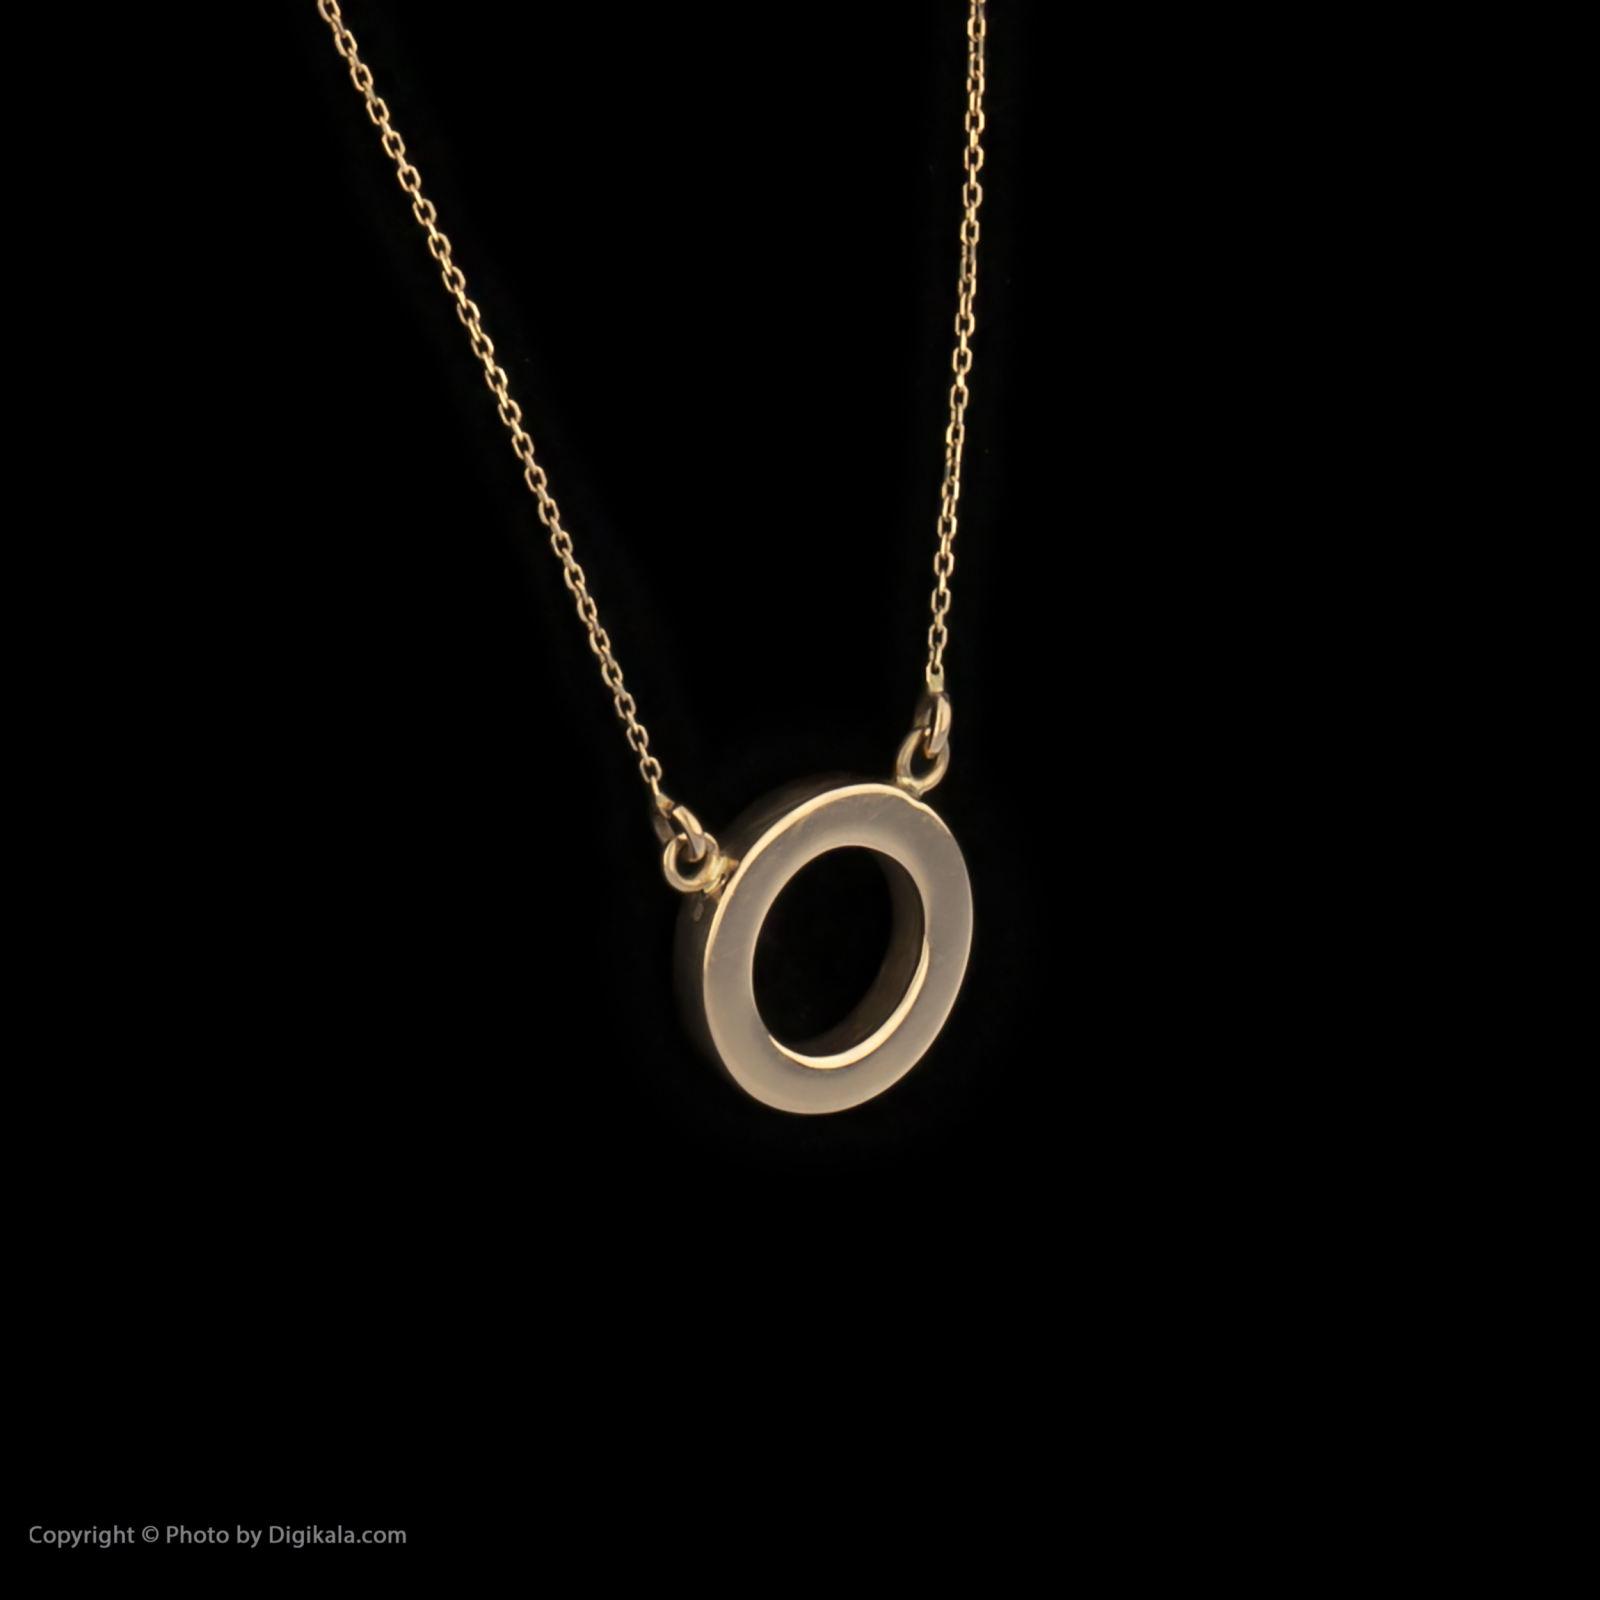 گردنبند طلا 18 عیار زنانه سنجاق مدل X052323 -  - 4